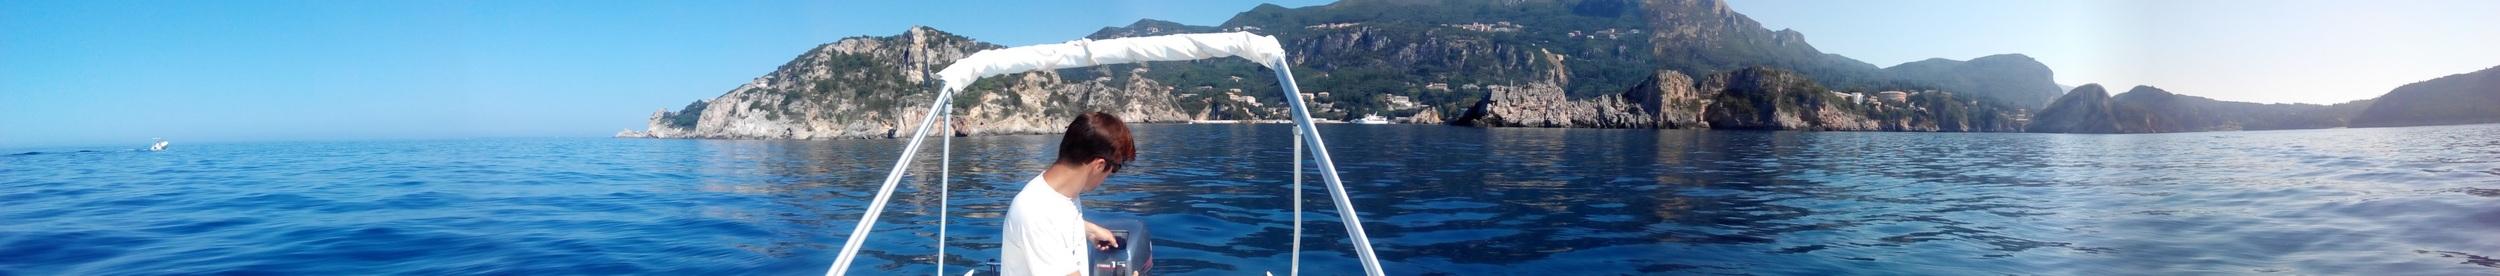 boat-marcio